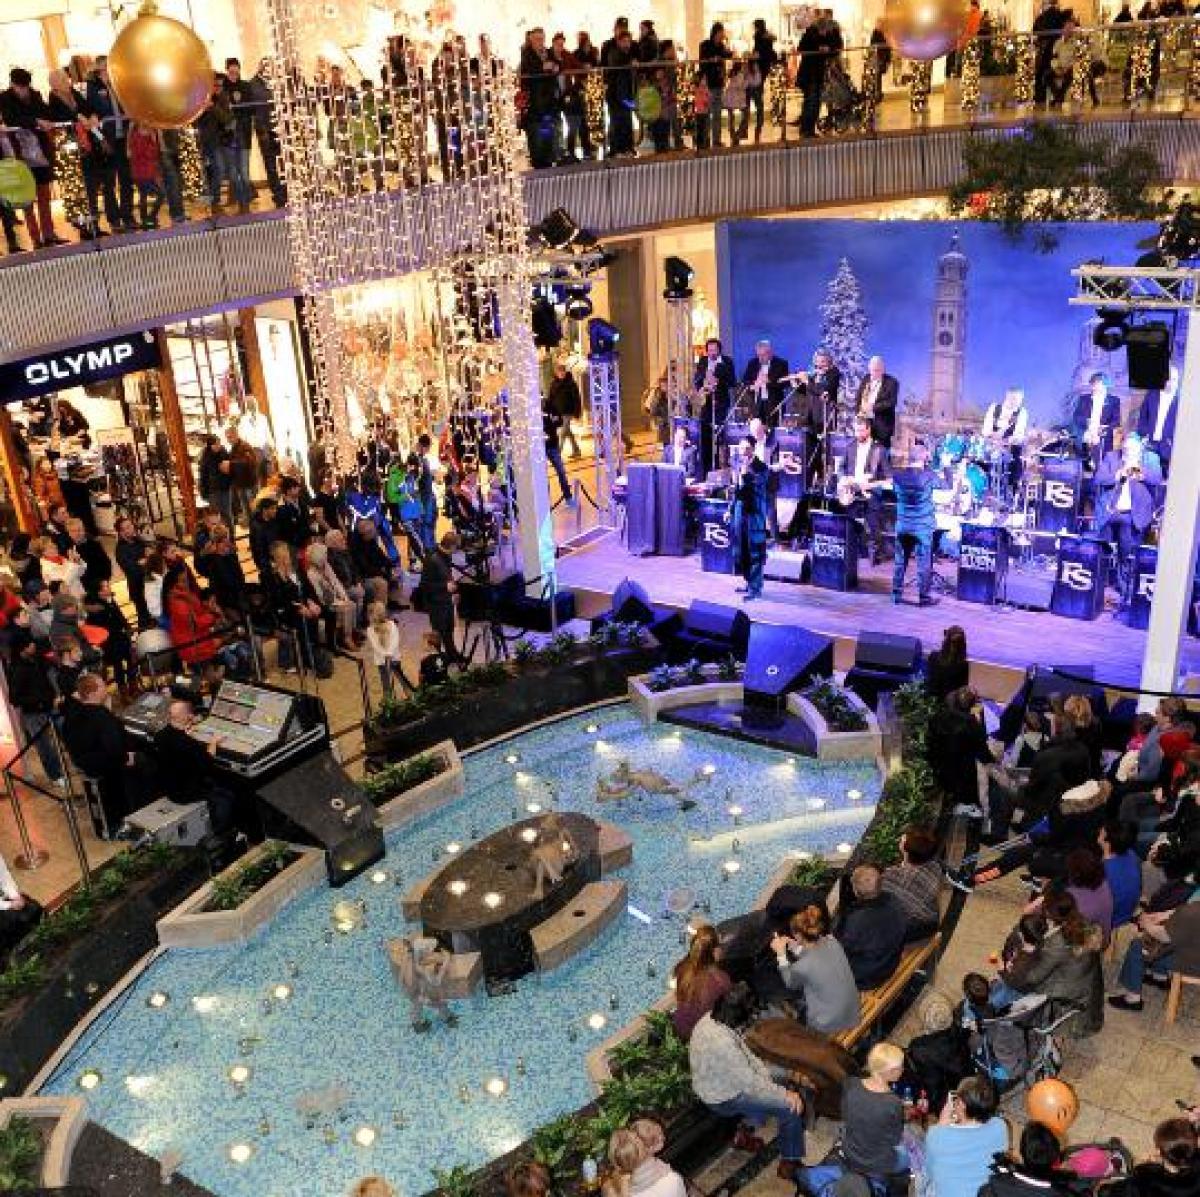 29c32a4284cb1 Augsburg  Lange Einkaufsnacht und Schuh Schmid machen Shopping zum Event -  Lokales (Augsburg) - Augsburger Allgemeine